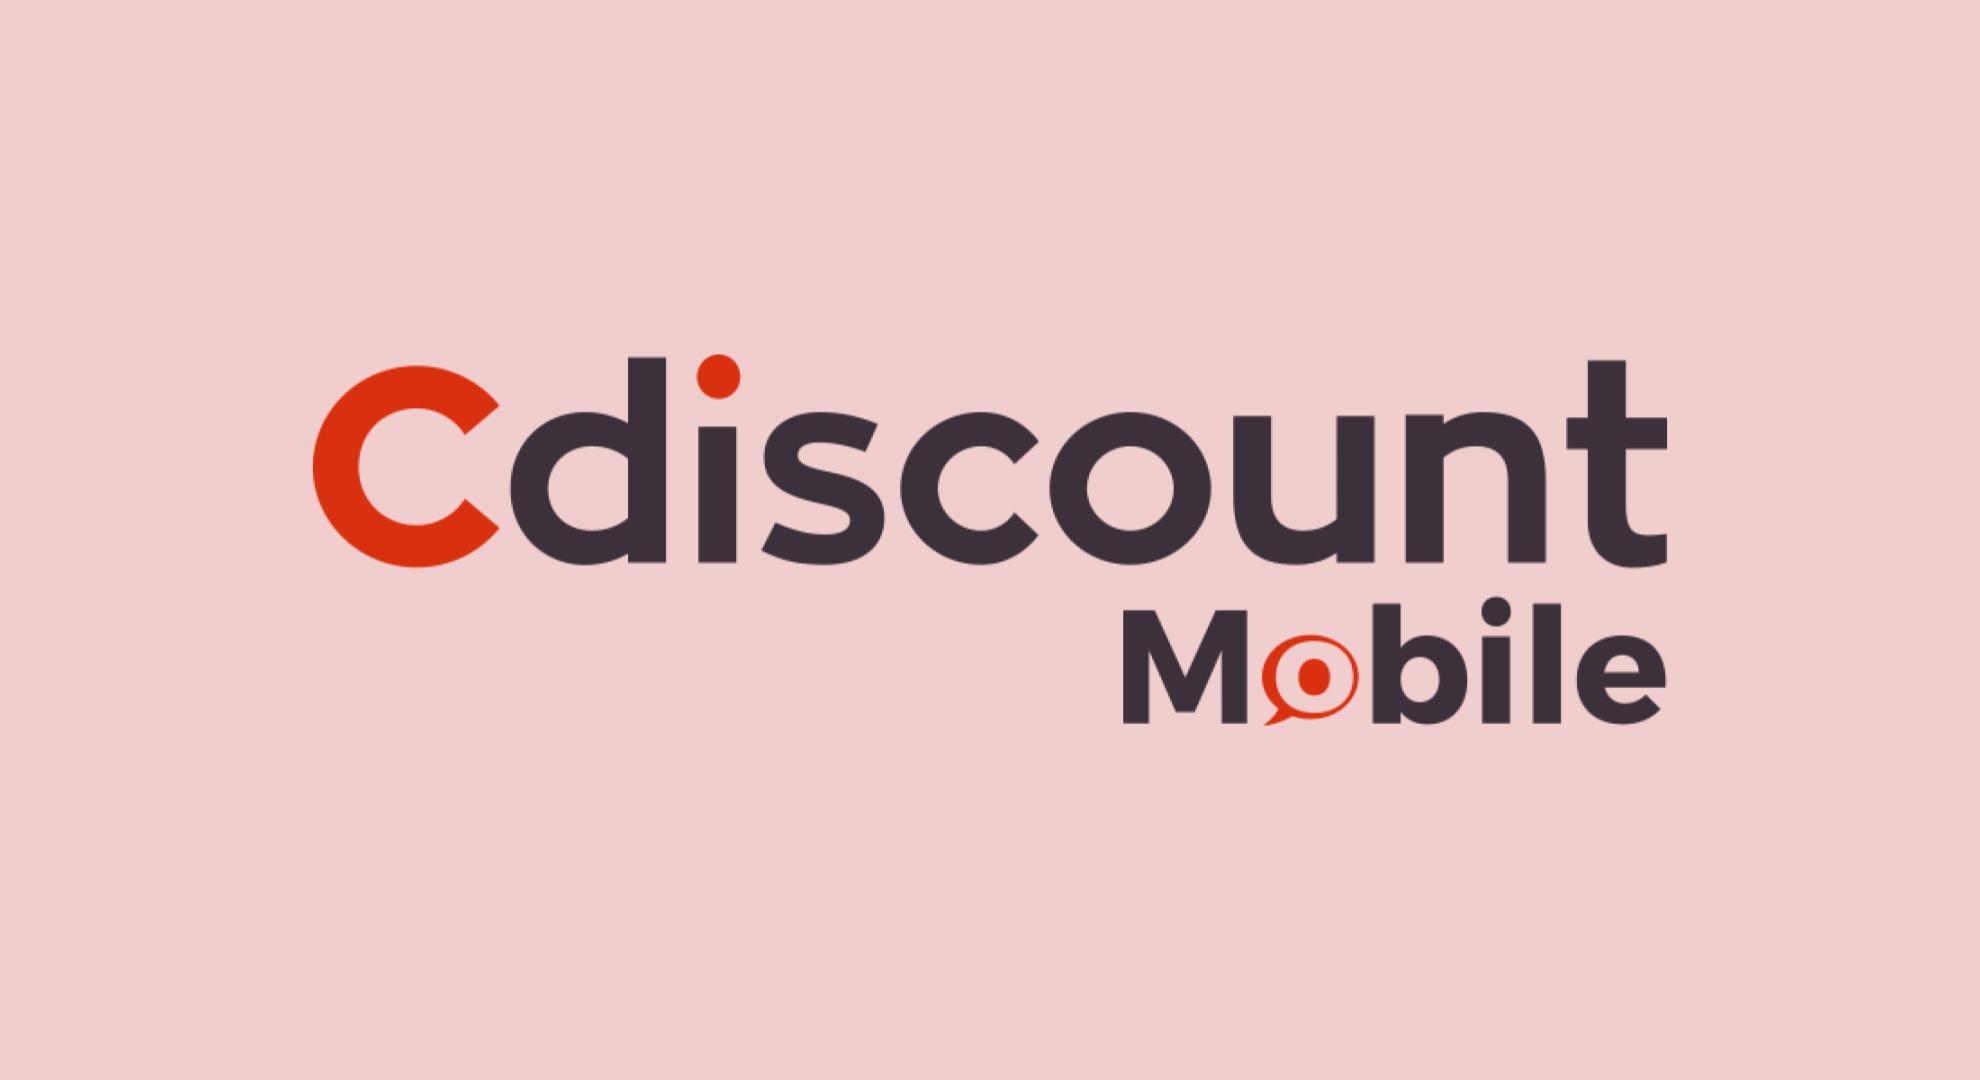 🔥 Bon plan : forfait mobile Cdiscount avec 30 Go de 4G à 2,99 euros par mois